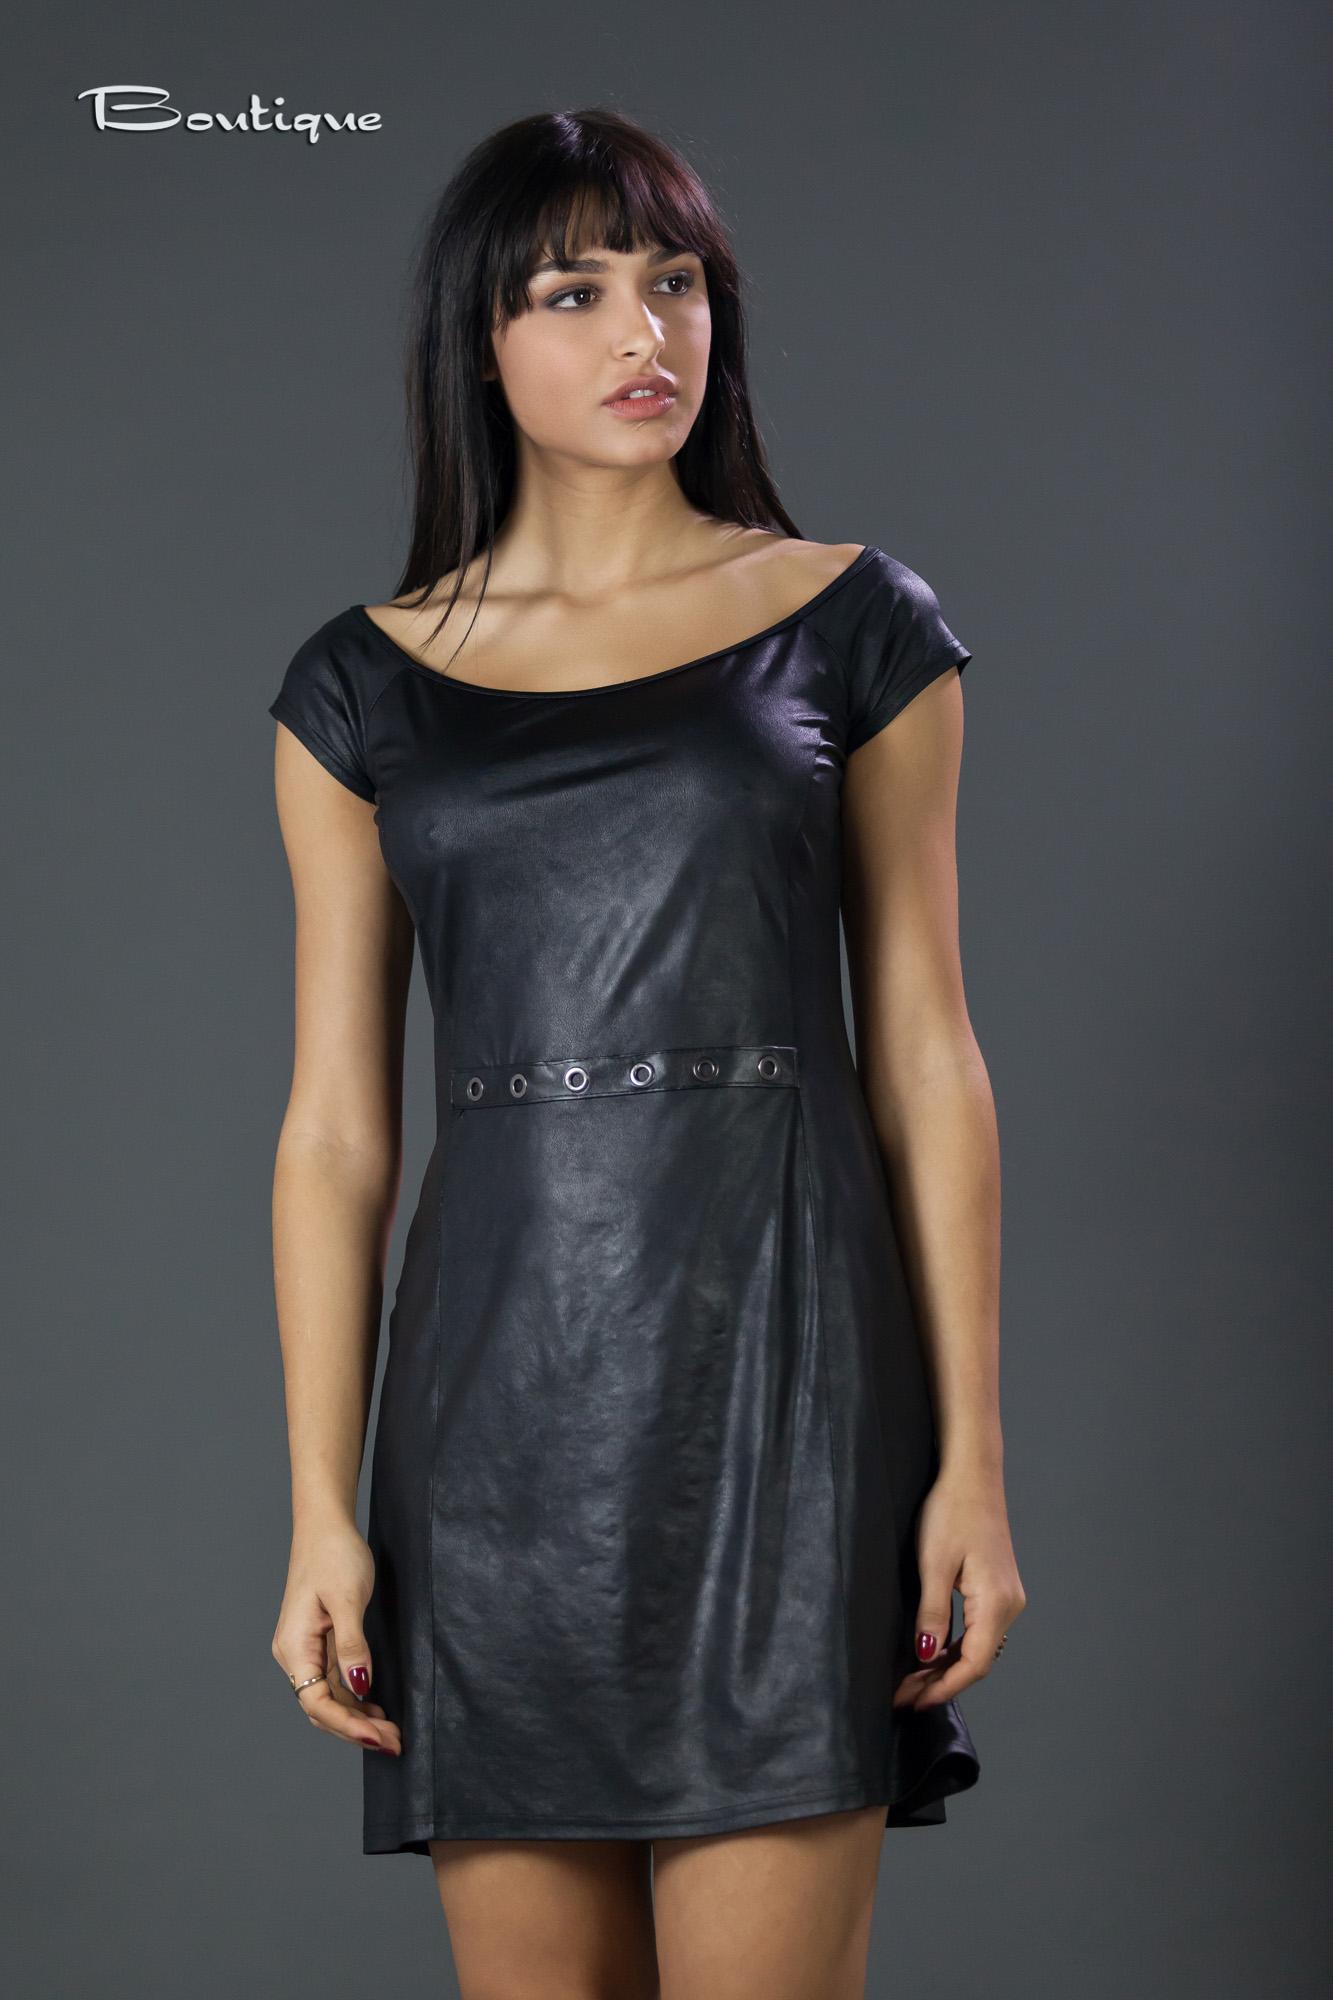 14f8cd498a7 Φόρεμα αμάνικο σε δερμάτινη και με τρέσα με τρουκ - M464 ...